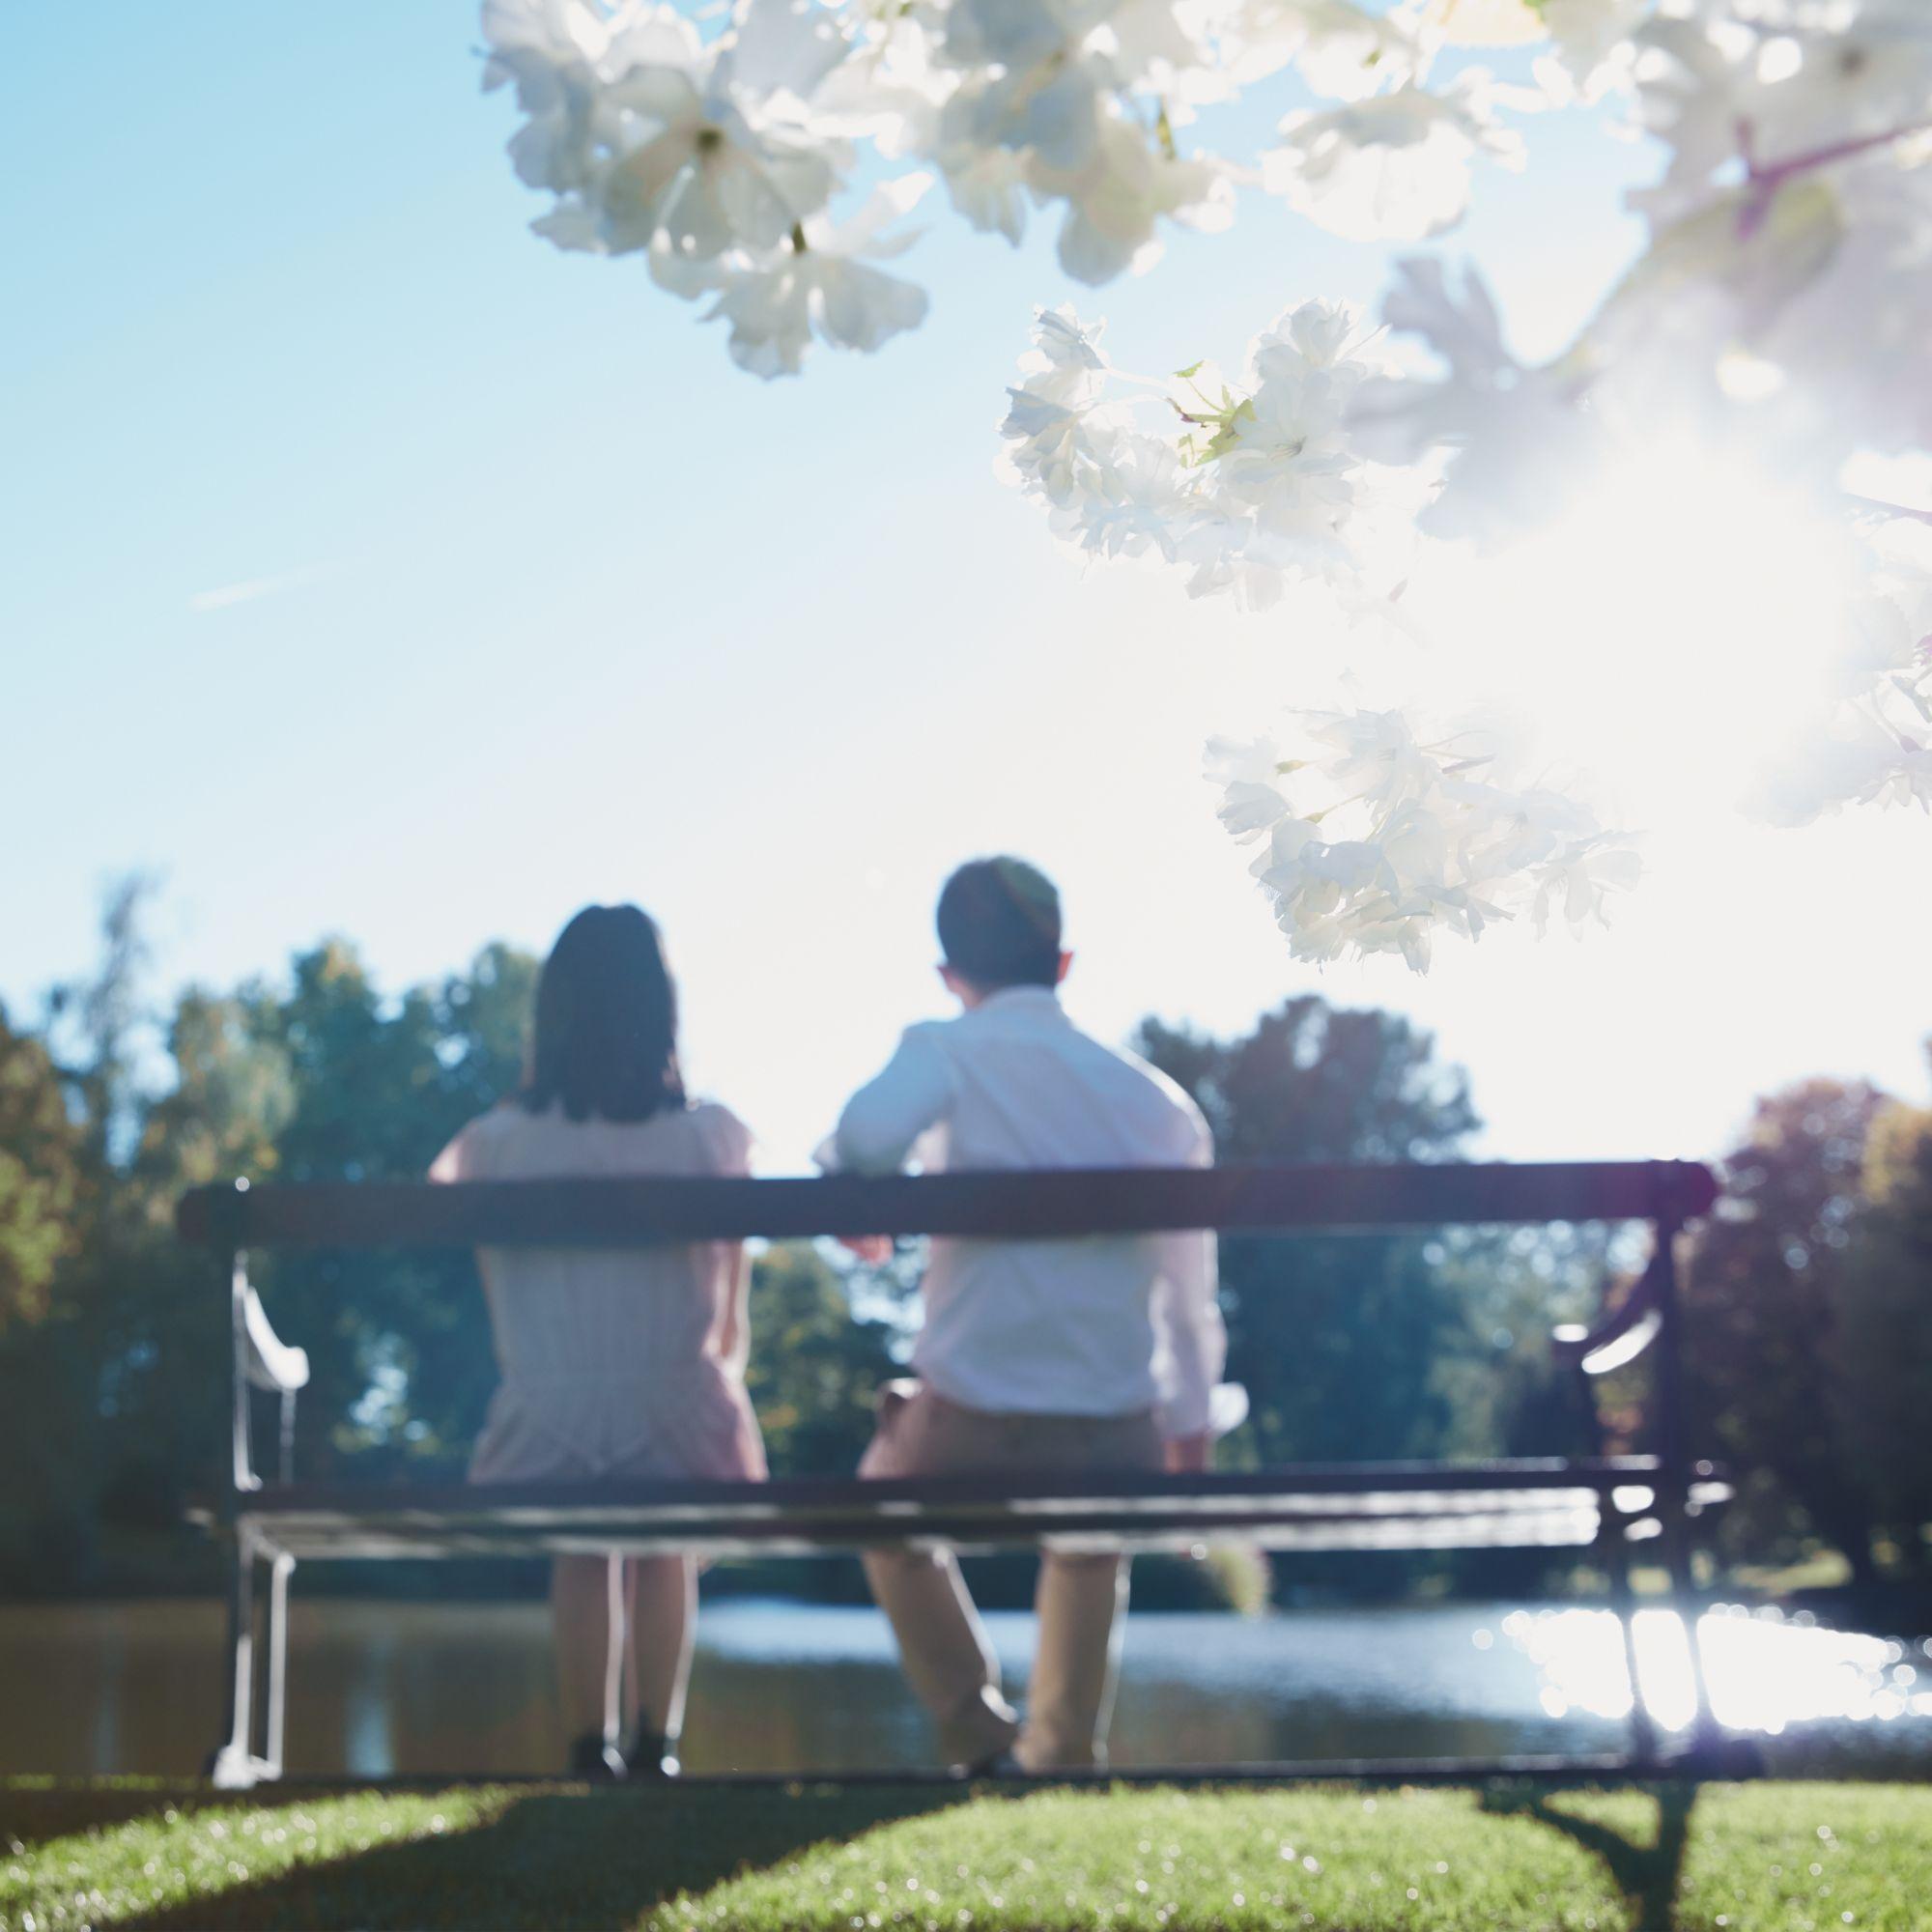 Maison Margiela Replica Springtime in a Park EDT, 100 ml